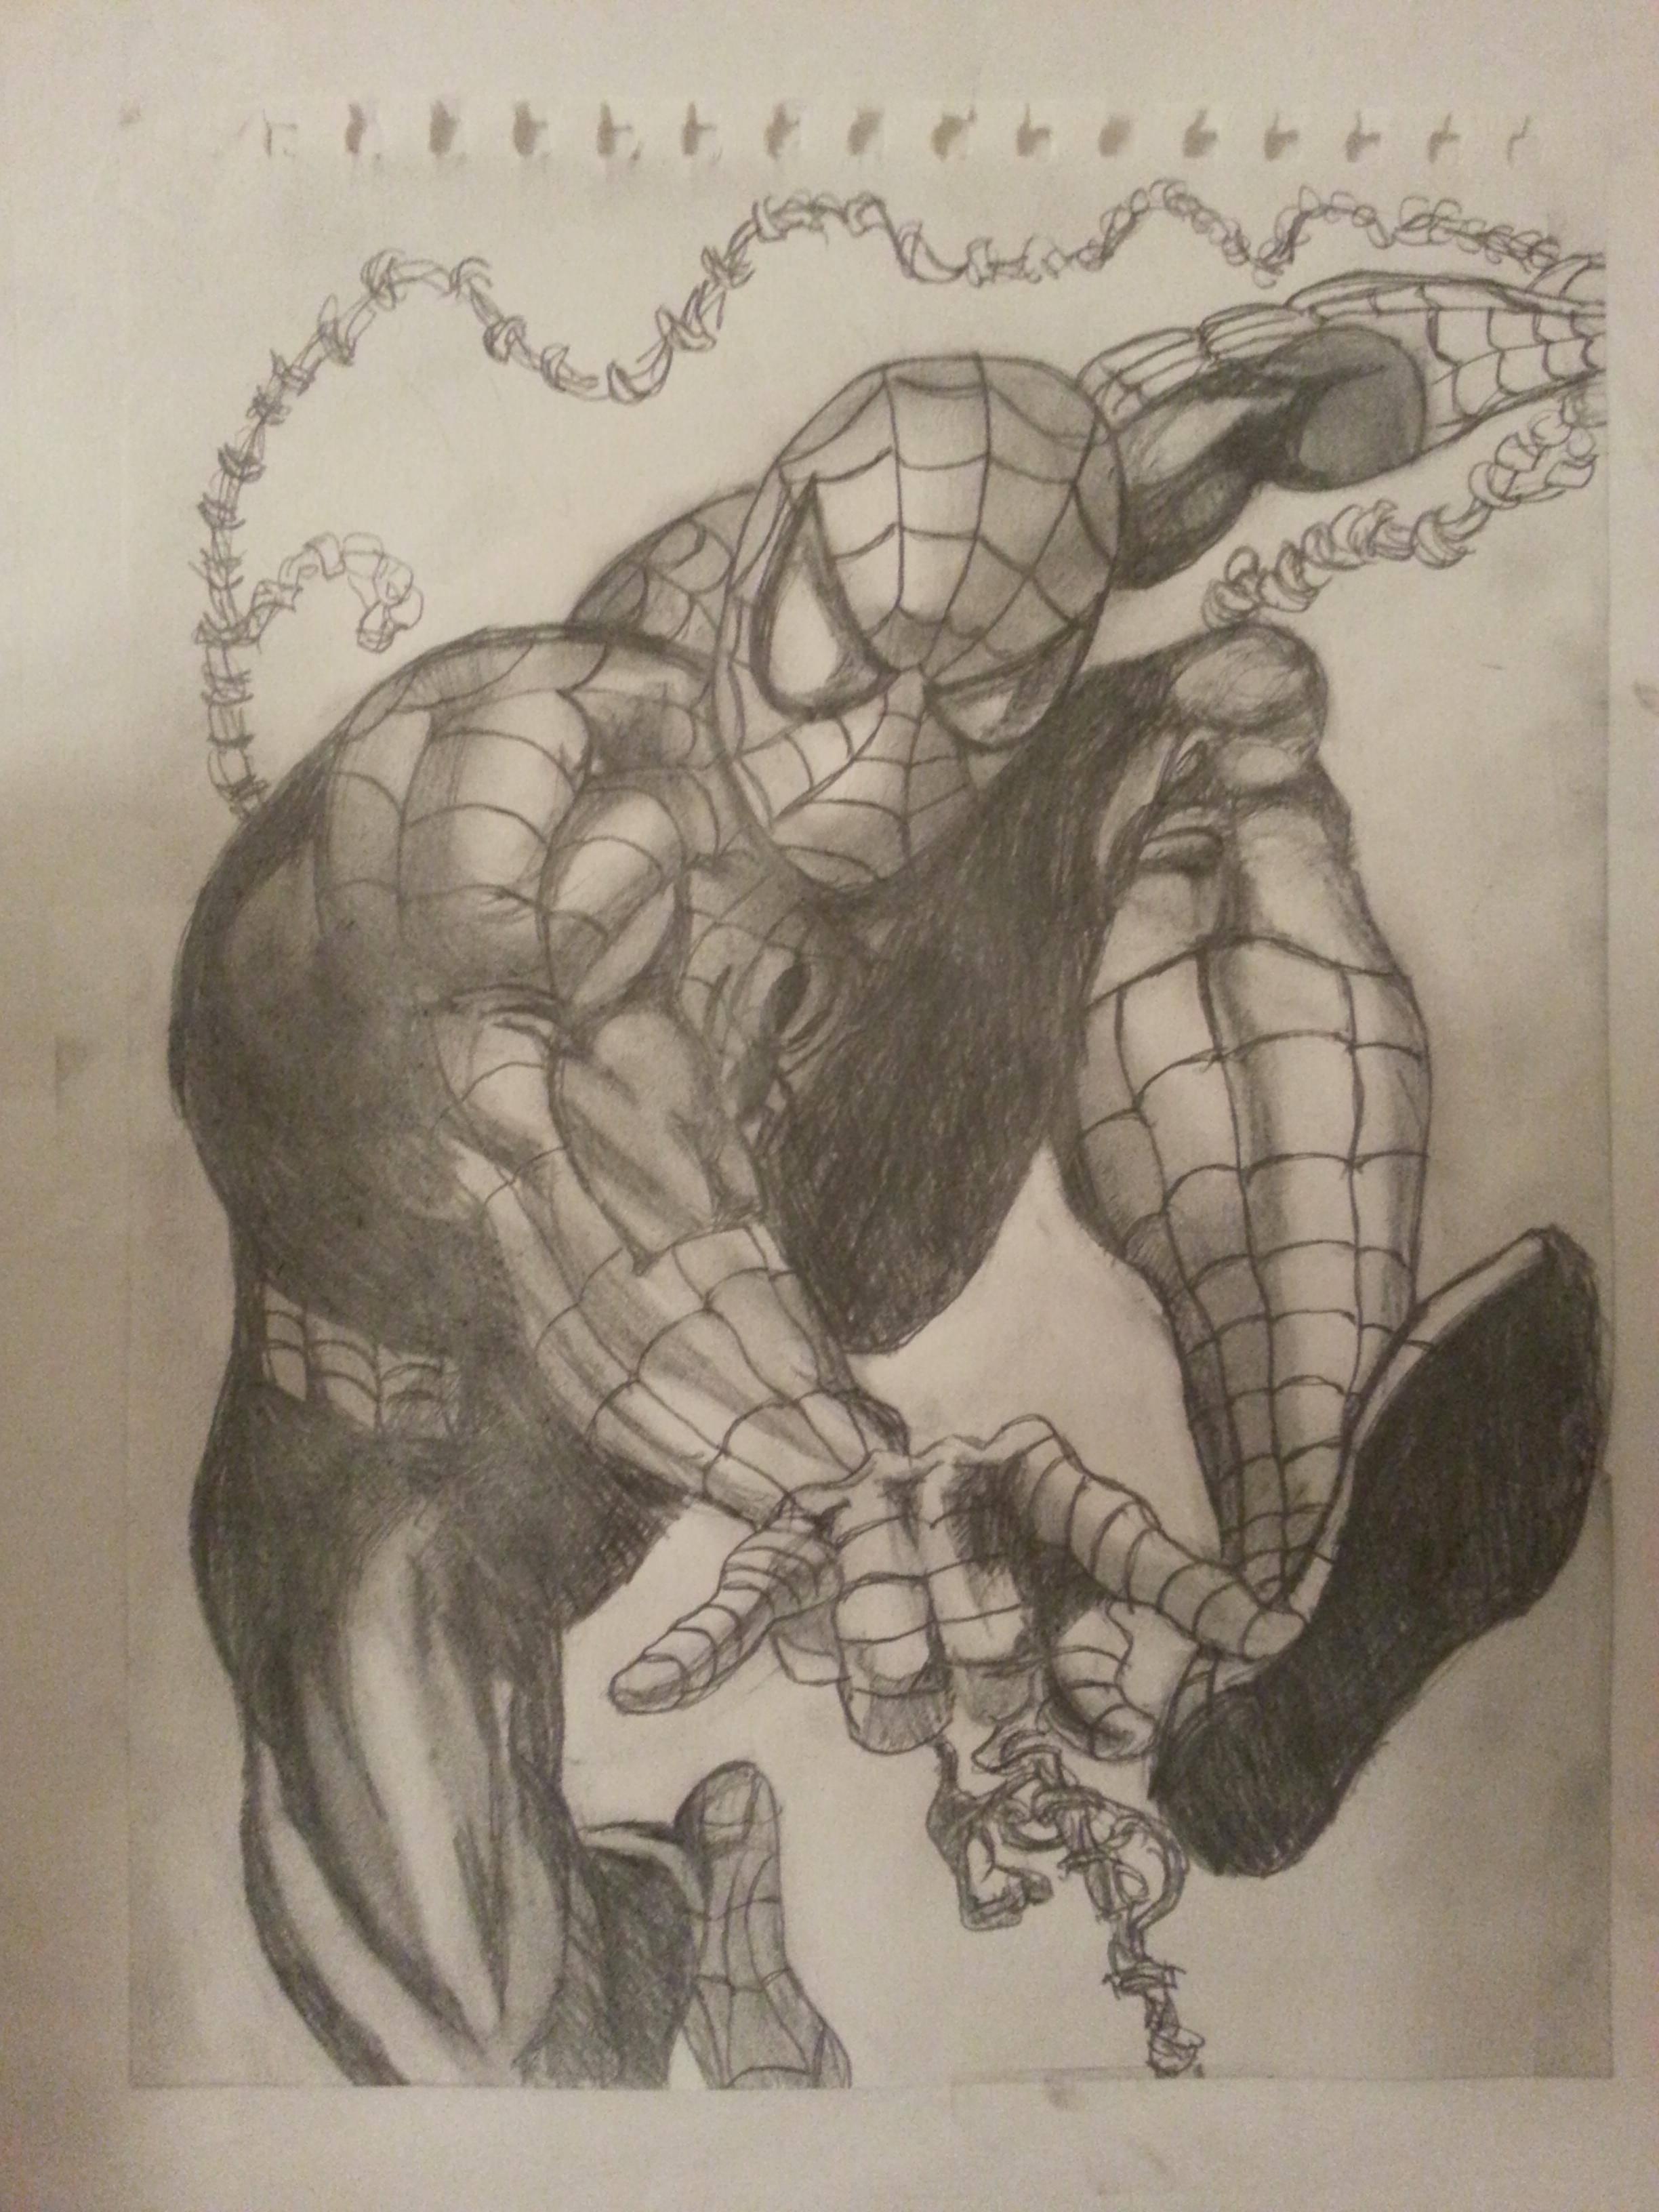 2448x3264 Spiderman Pencil Sketch